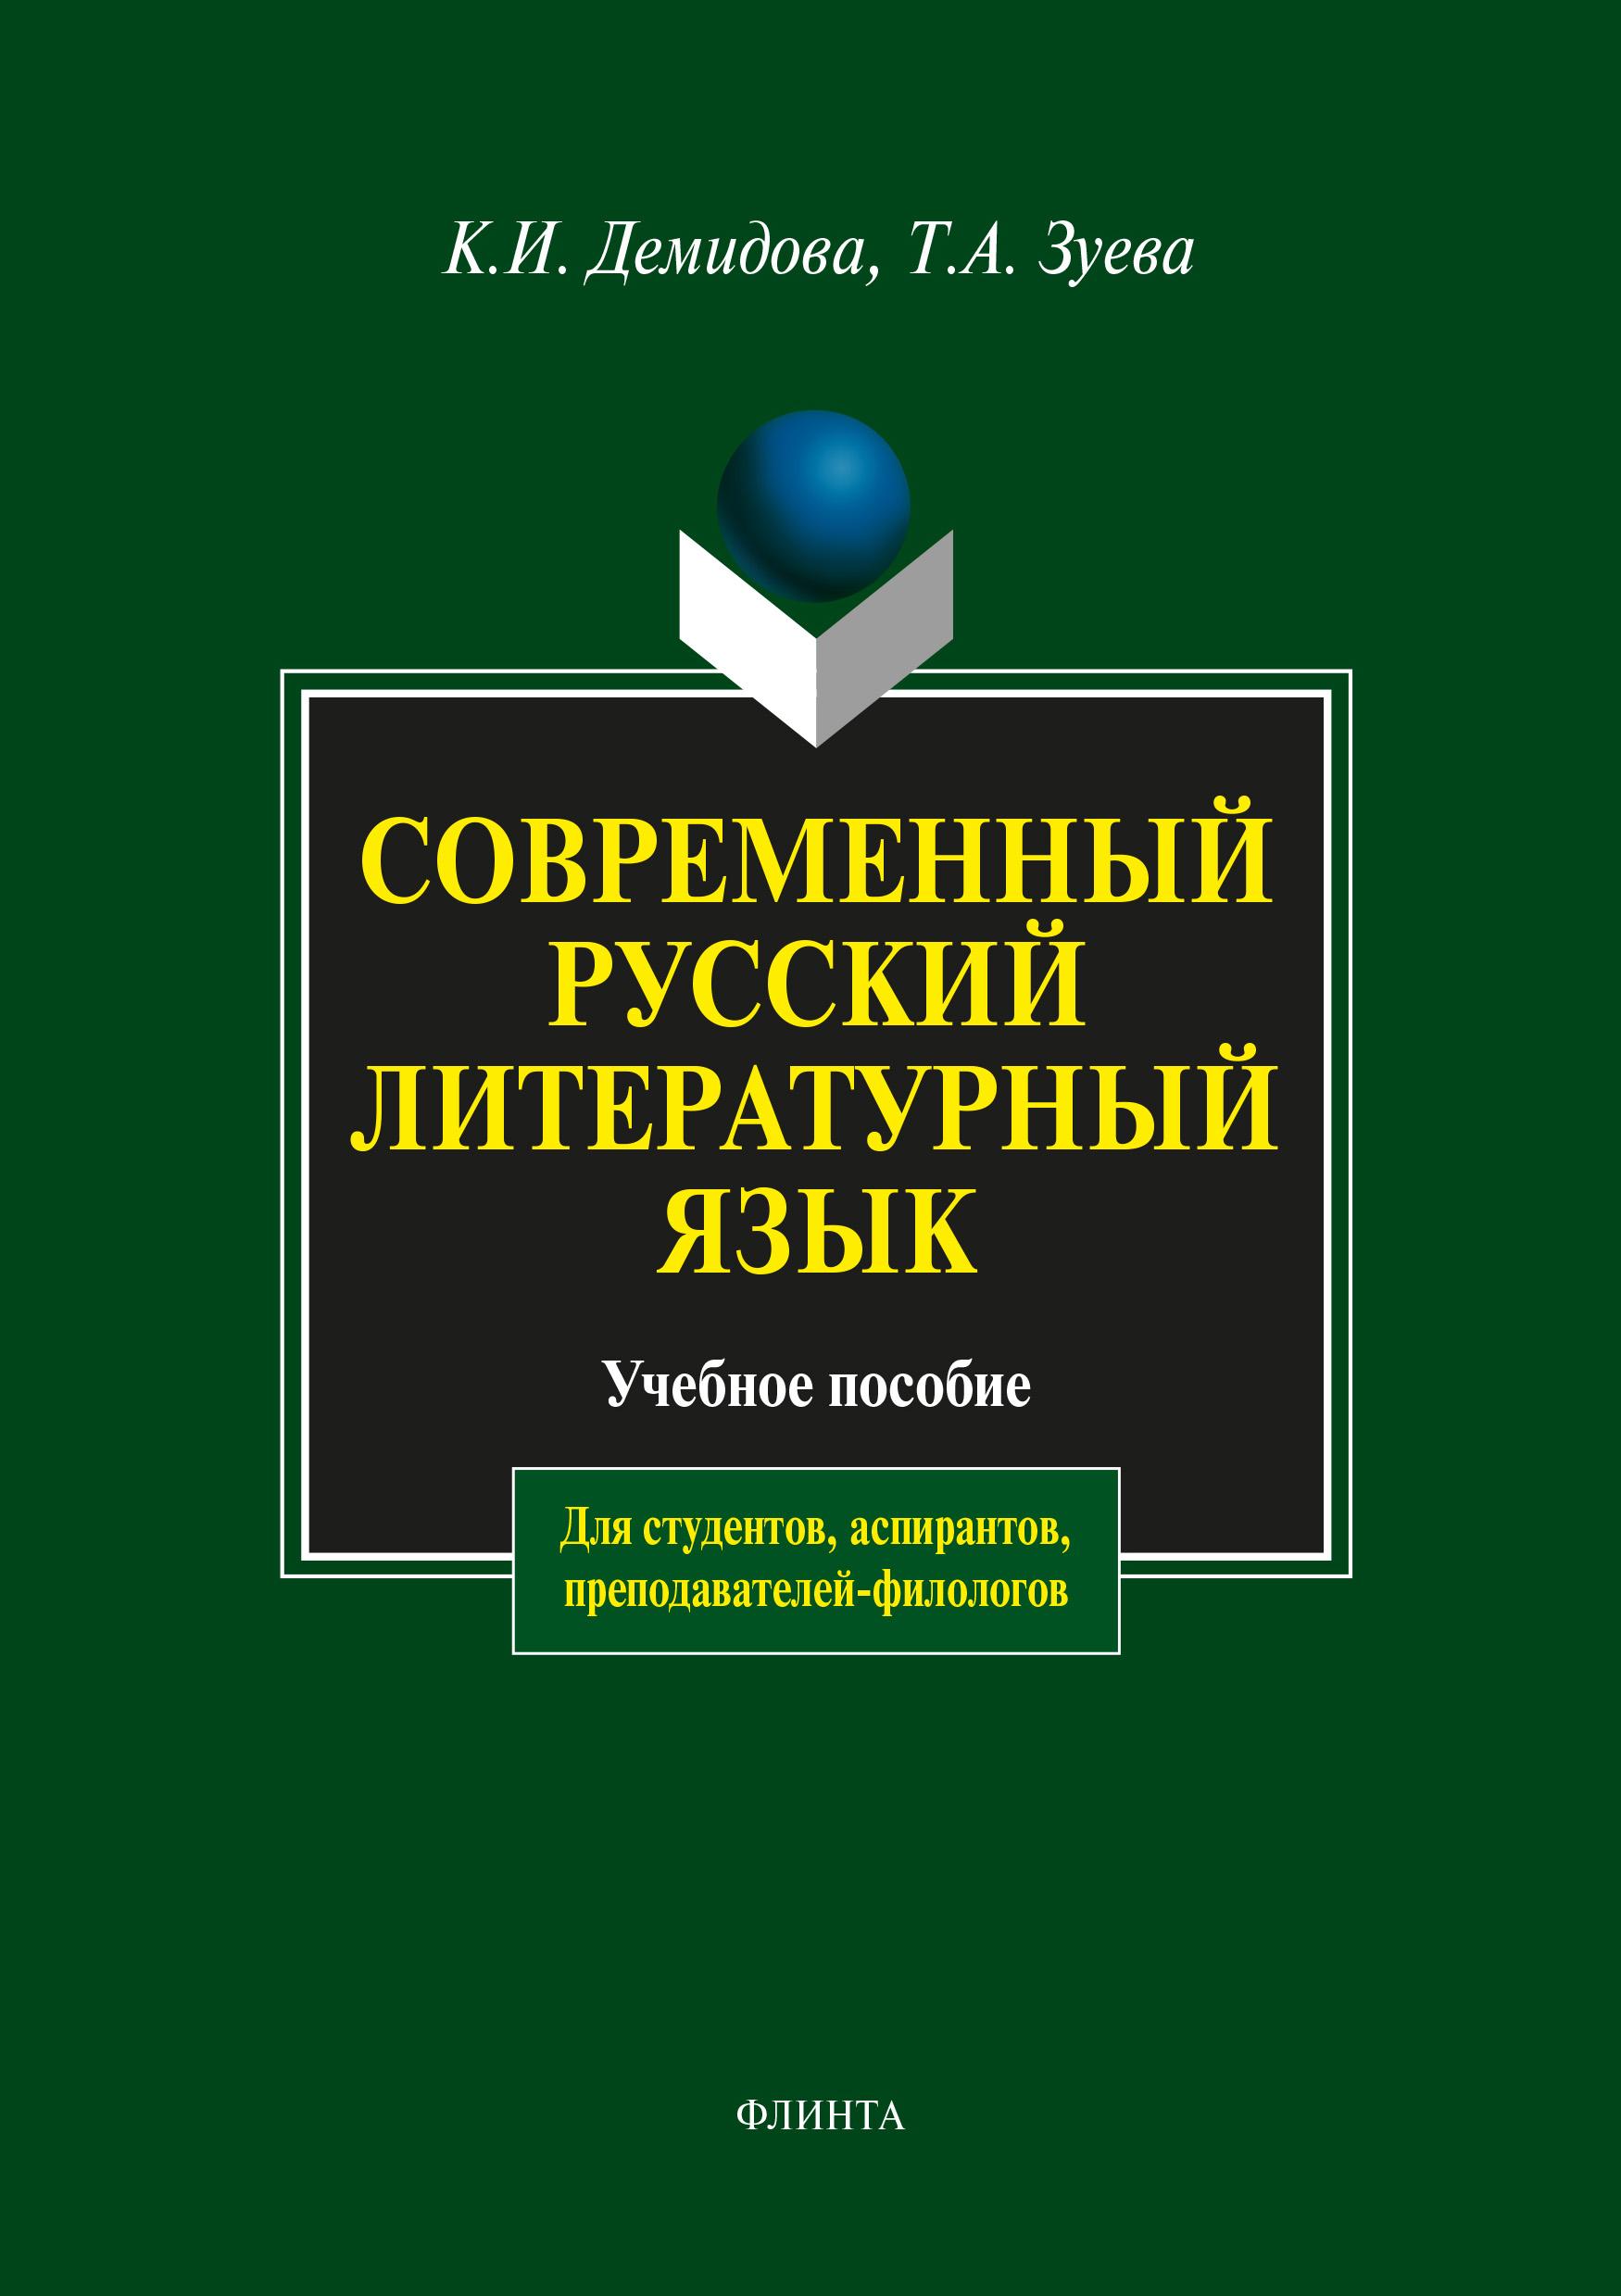 К. И. Демидова Современный русский литературный язык. Учебное пособие